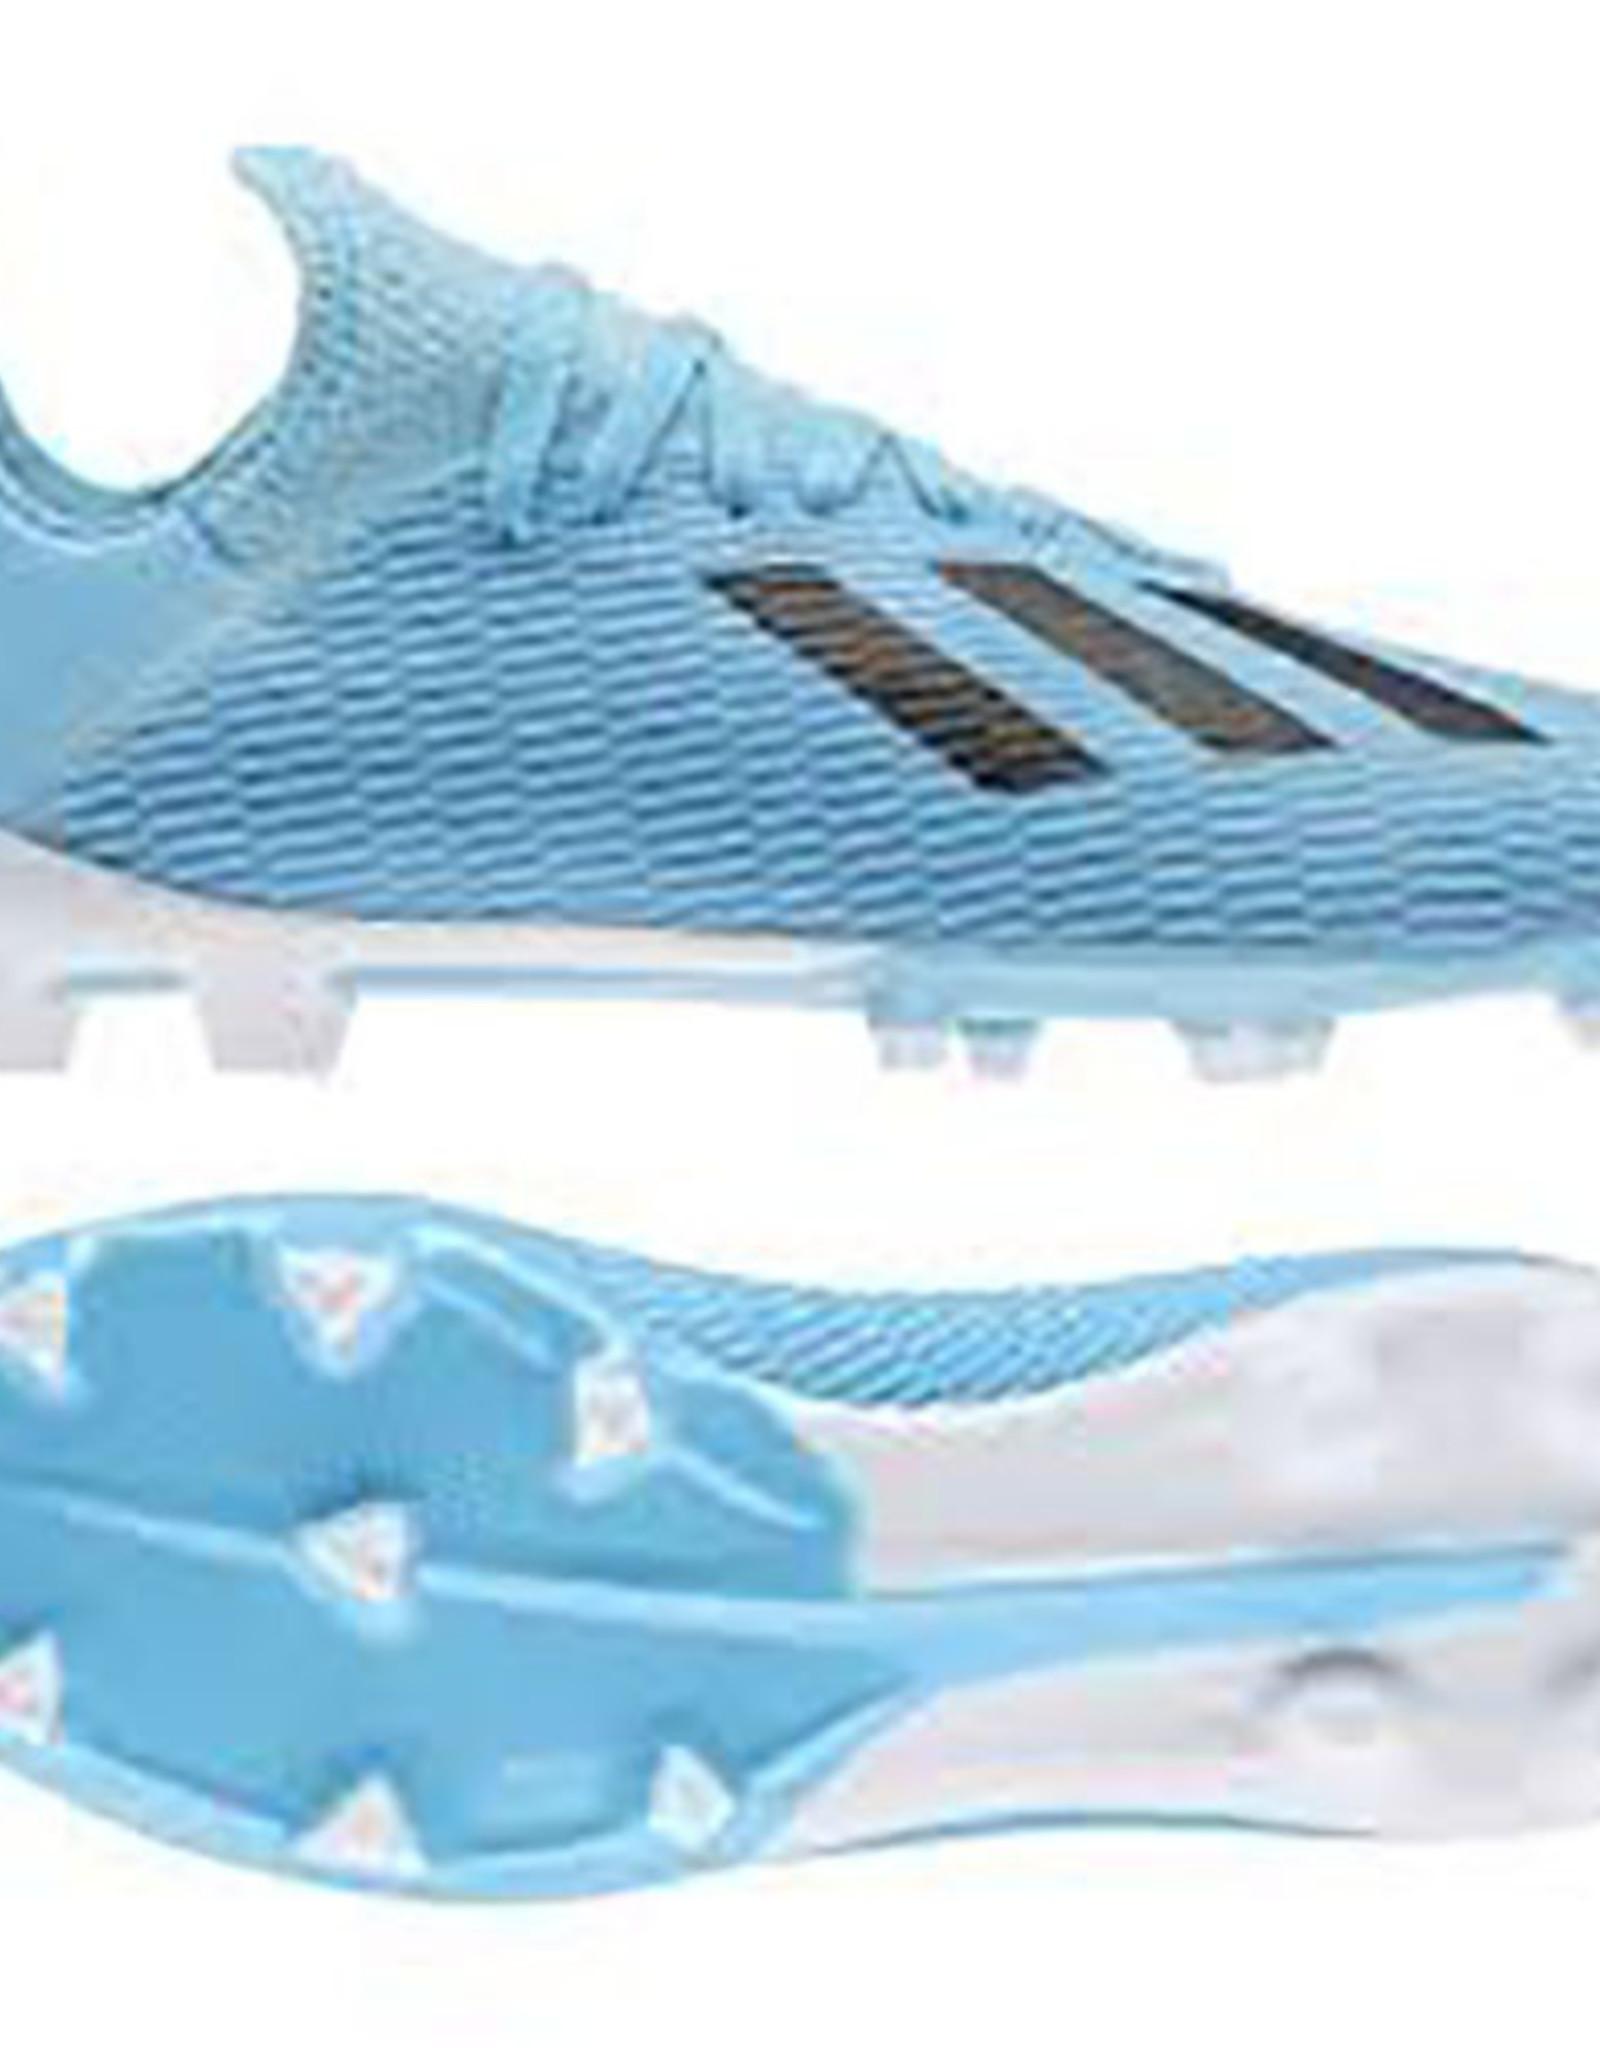 Adidas Adidas FG X 19.3 Jr EF8374